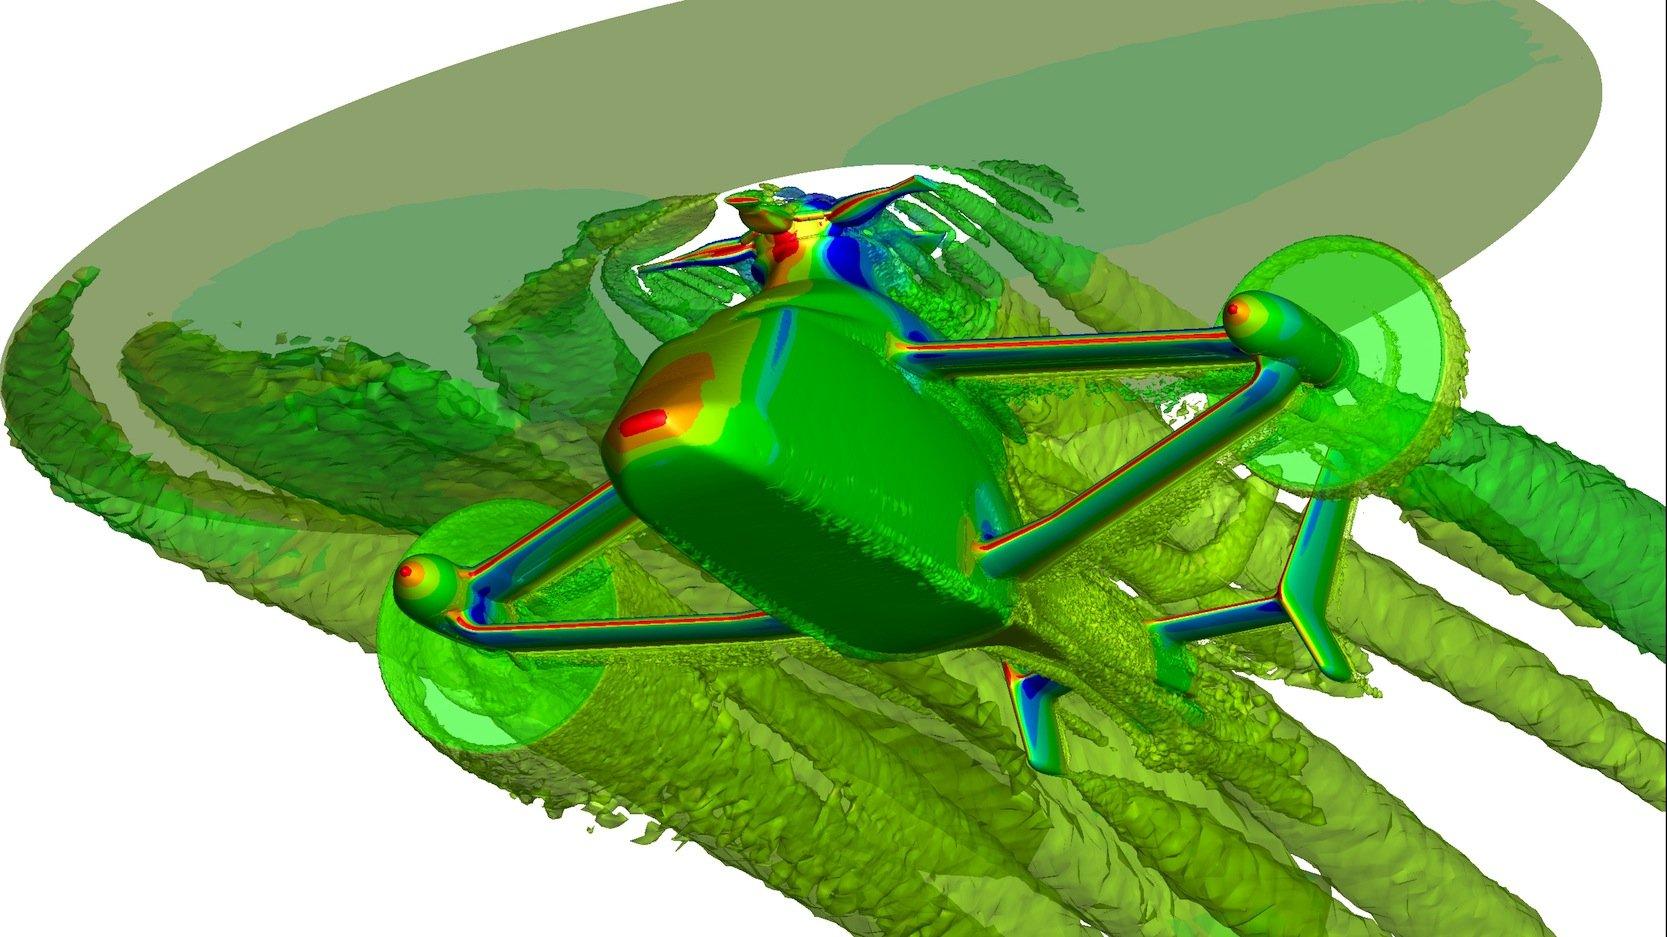 Computergestützte Strömungssimulation am neuen Airbus Racer Hubschrauber:Ingenieure des DLR haben vor allem an der aerodynamischen Gestaltung der Flügel und des Höhenleitwerks mitgewirkt.